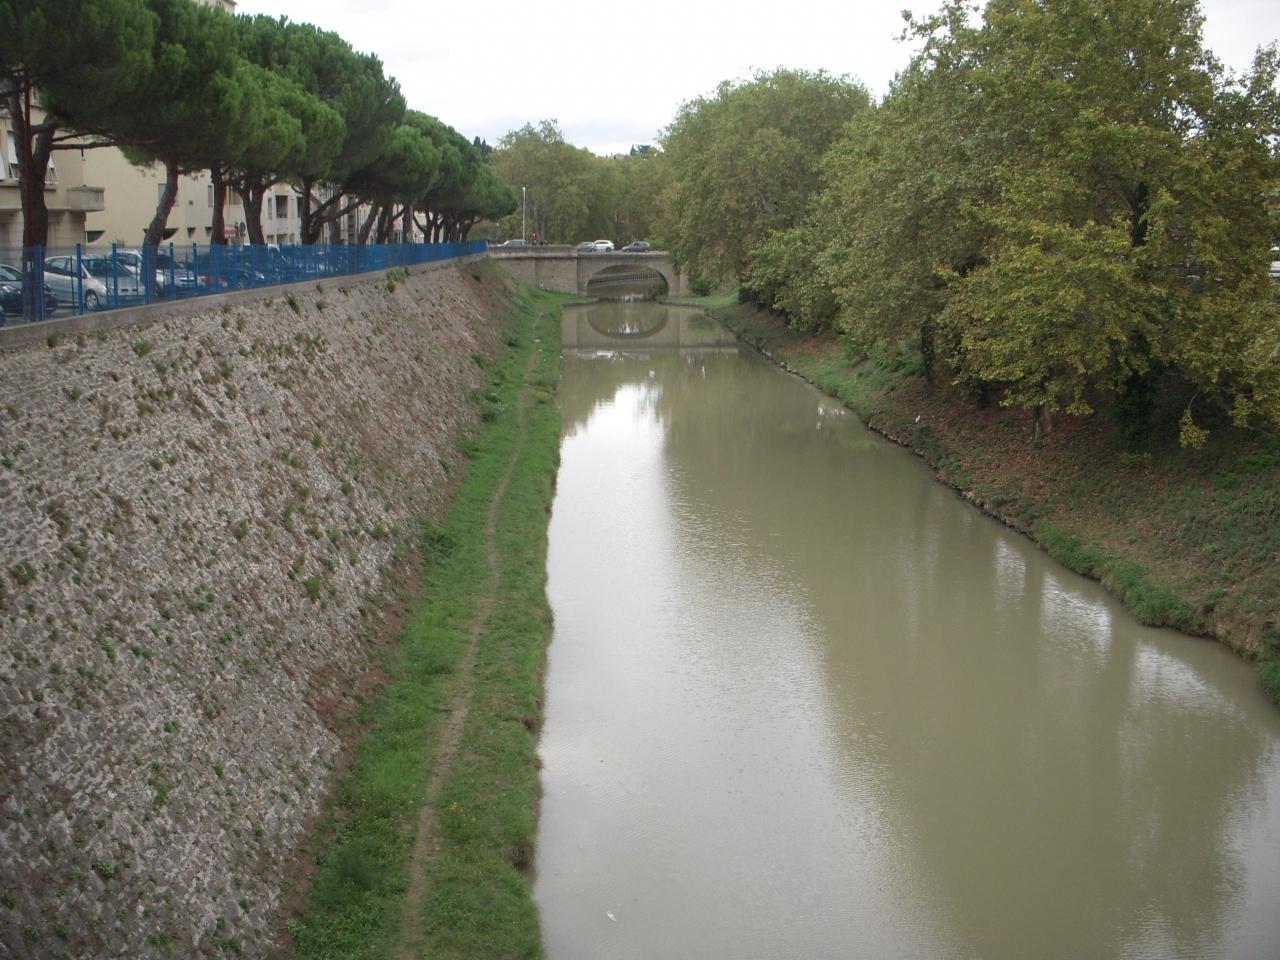 ミディ運河の画像 p1_35